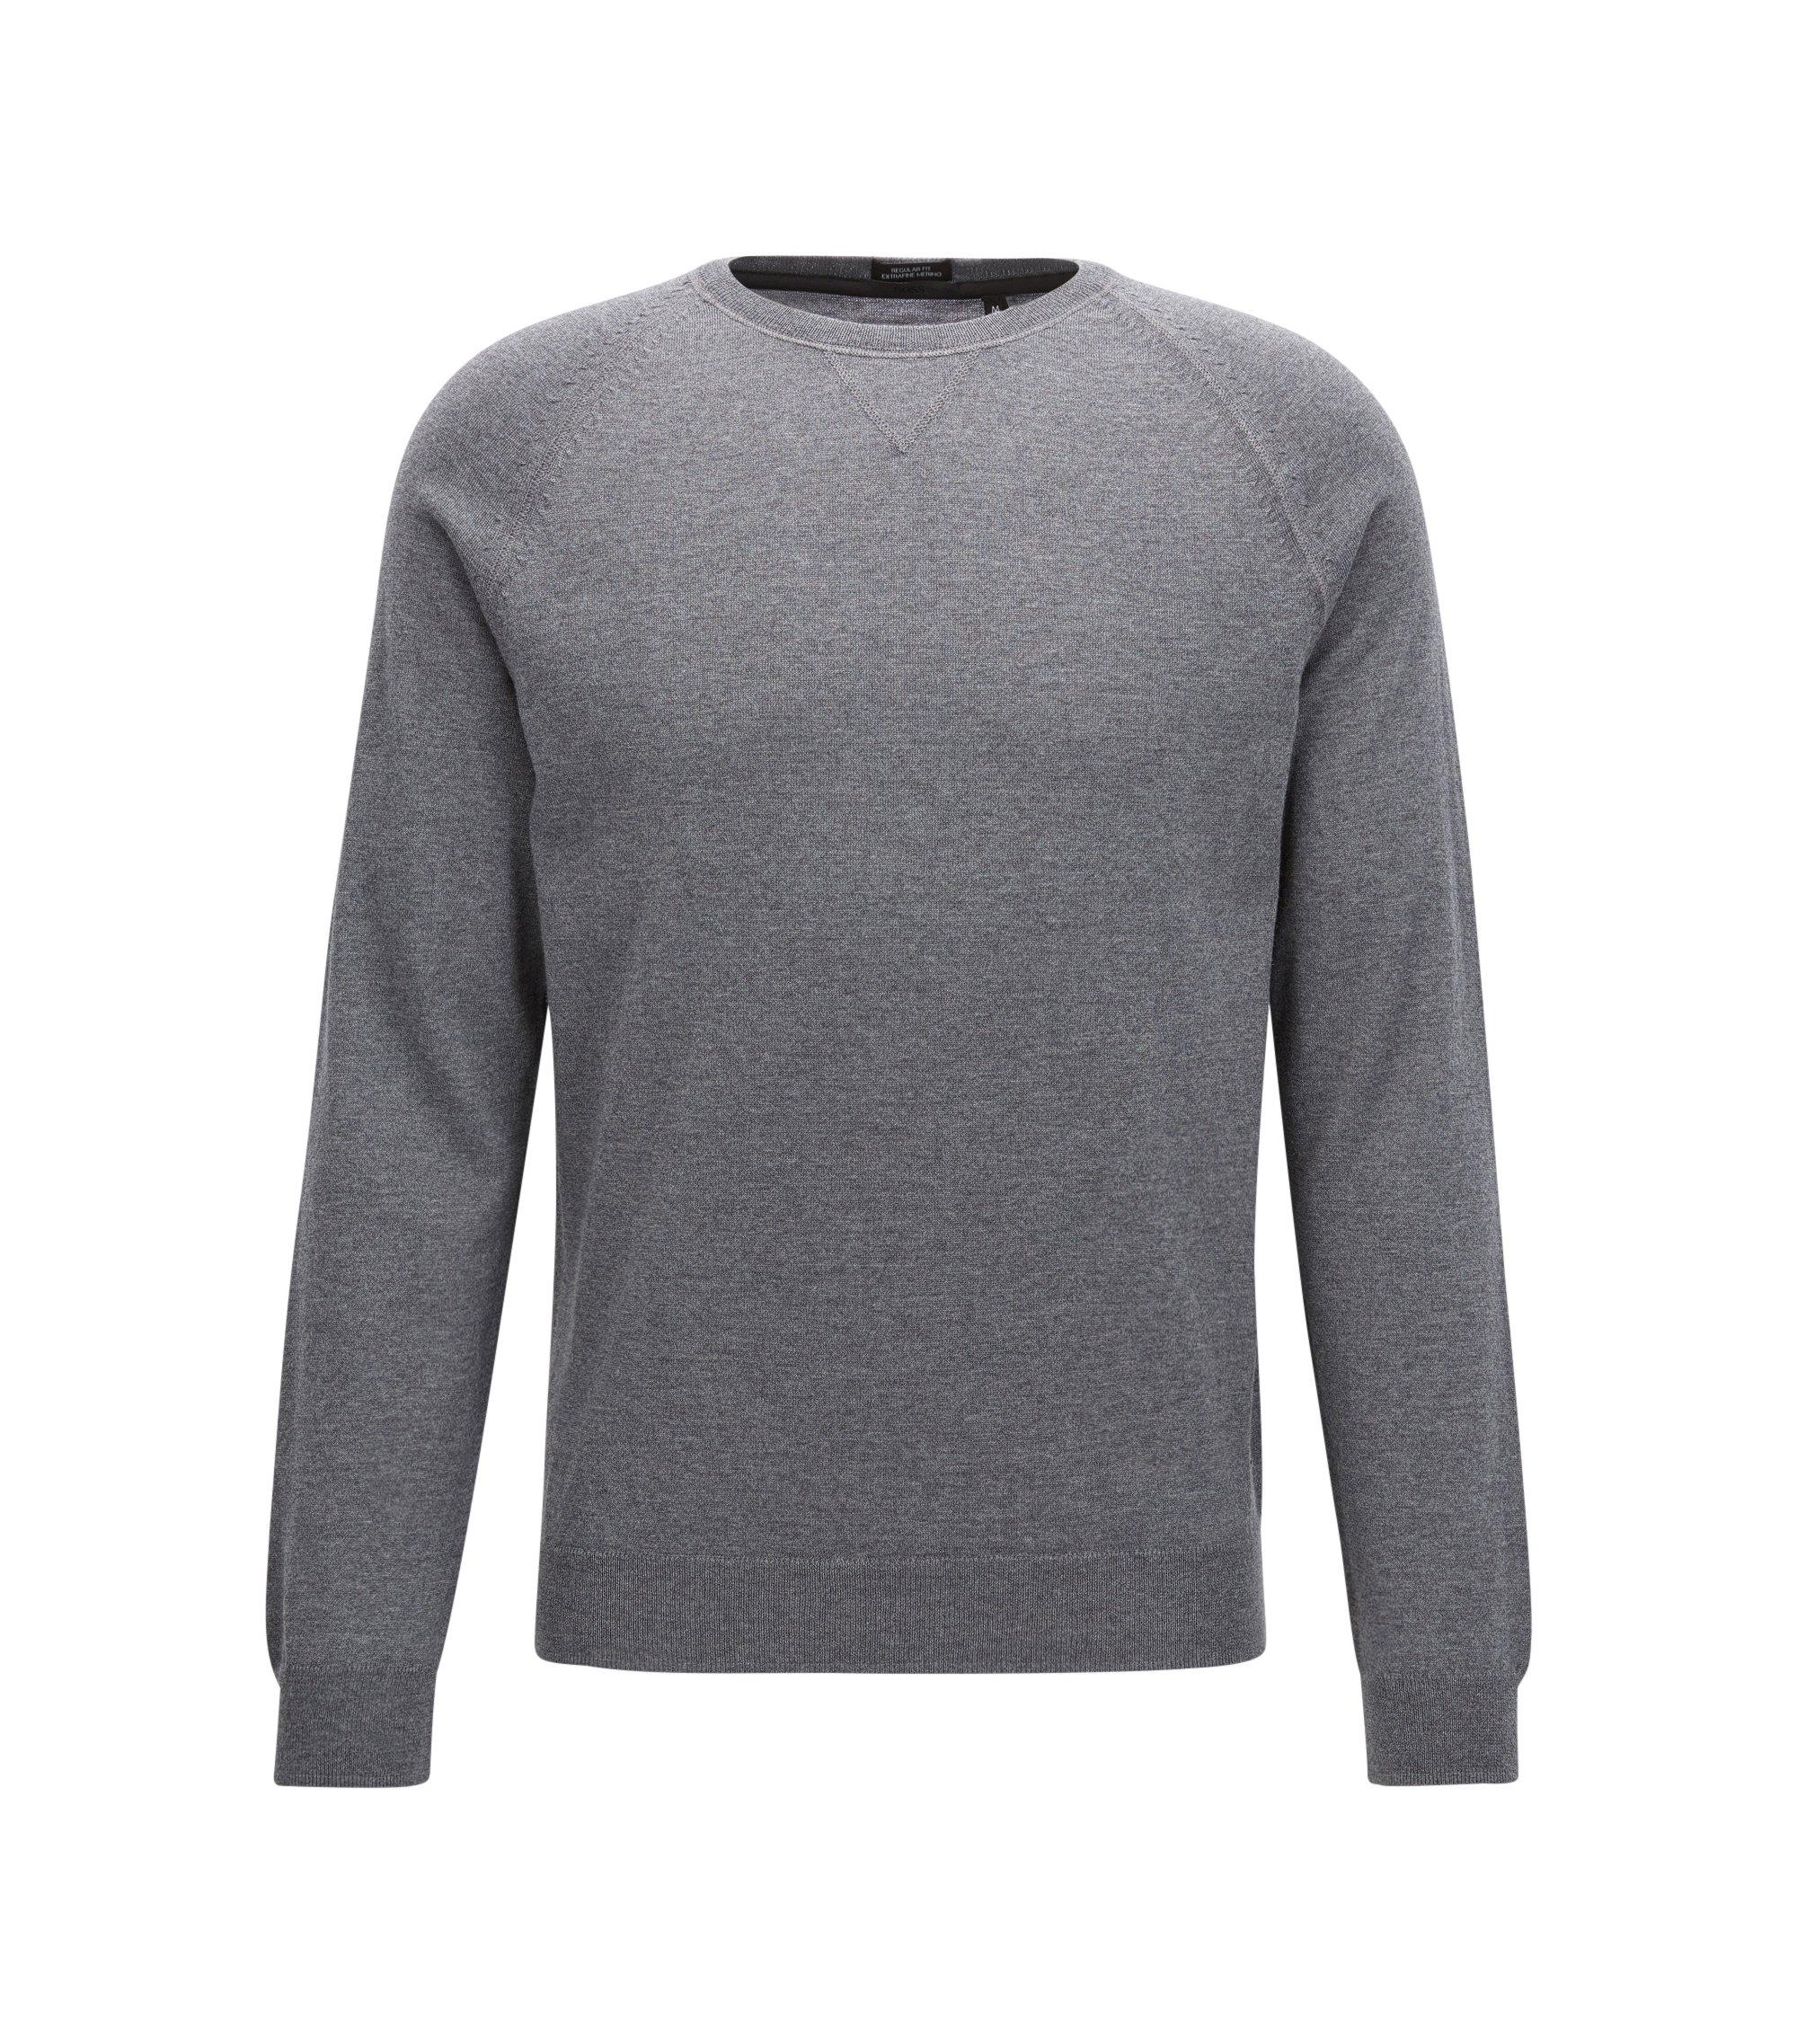 Regular Fit Pullover aus Merinowolle mit Rundhalsausschnitt, Grau